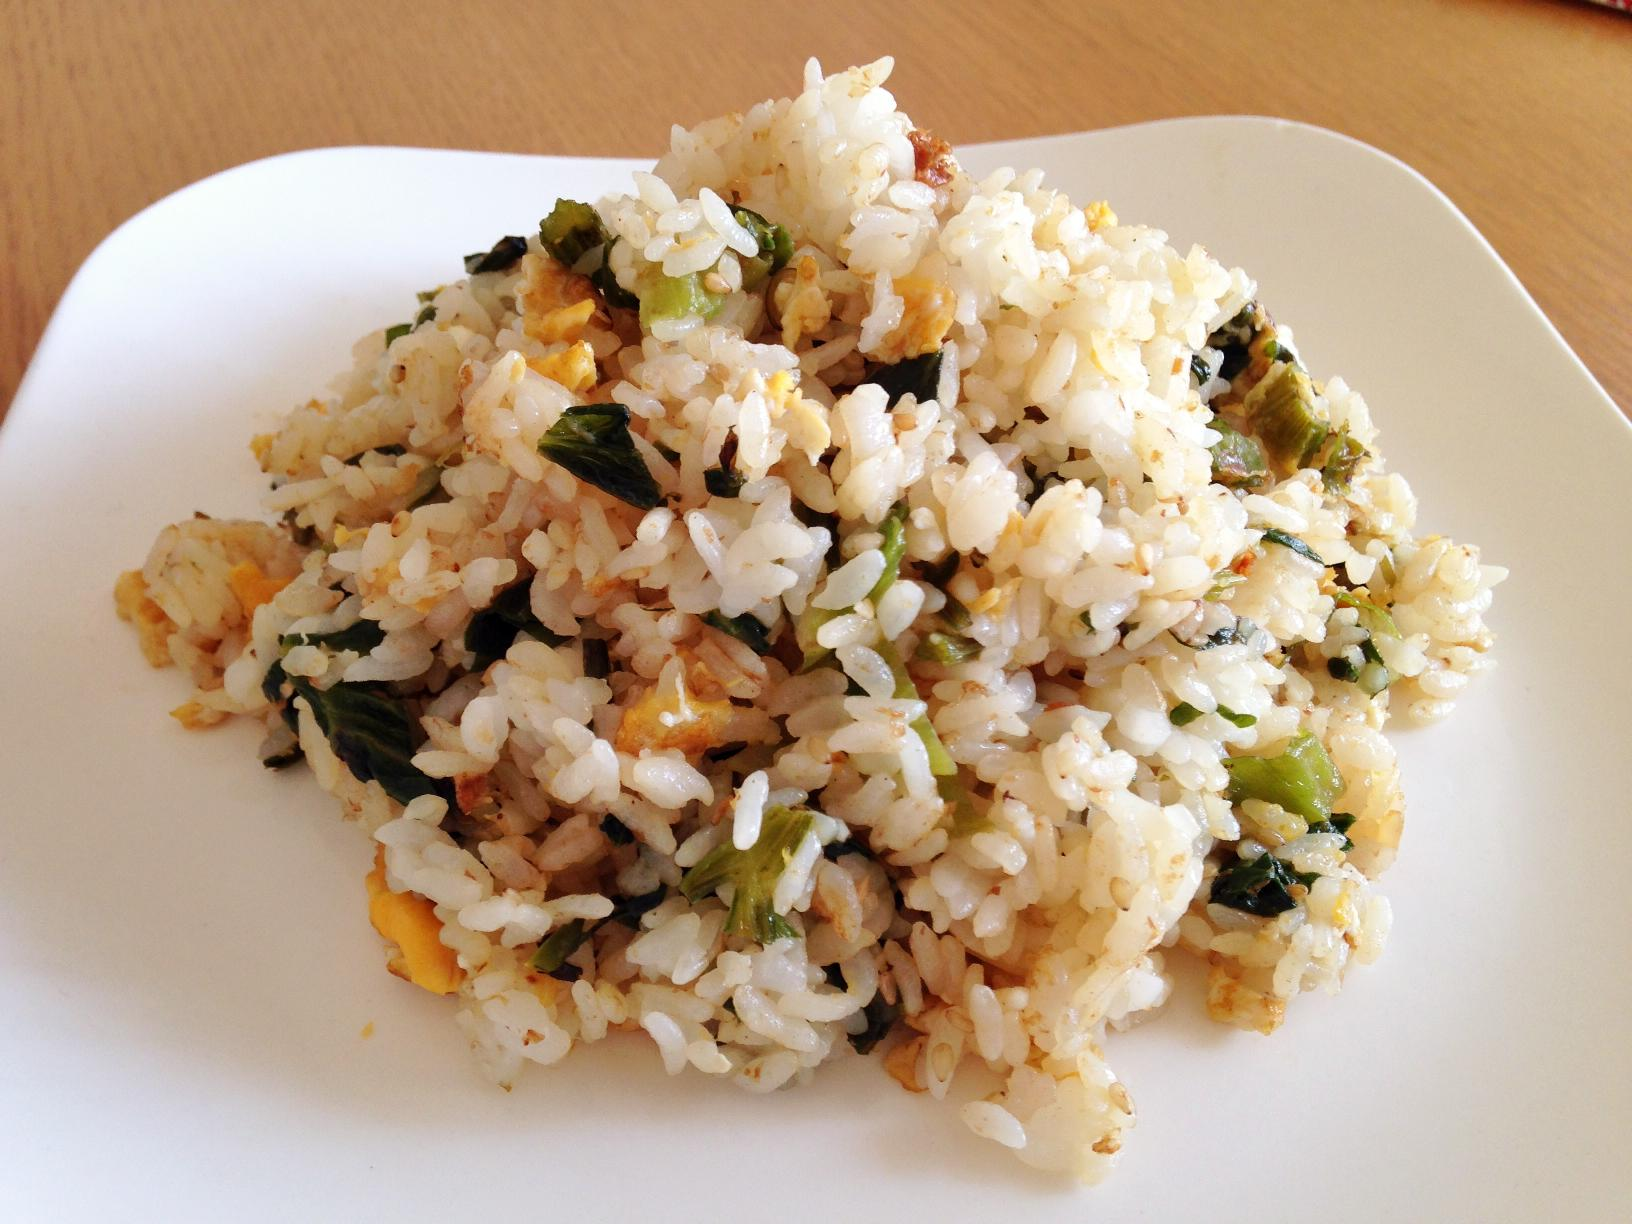 レタスとセロリの塩麹炒飯